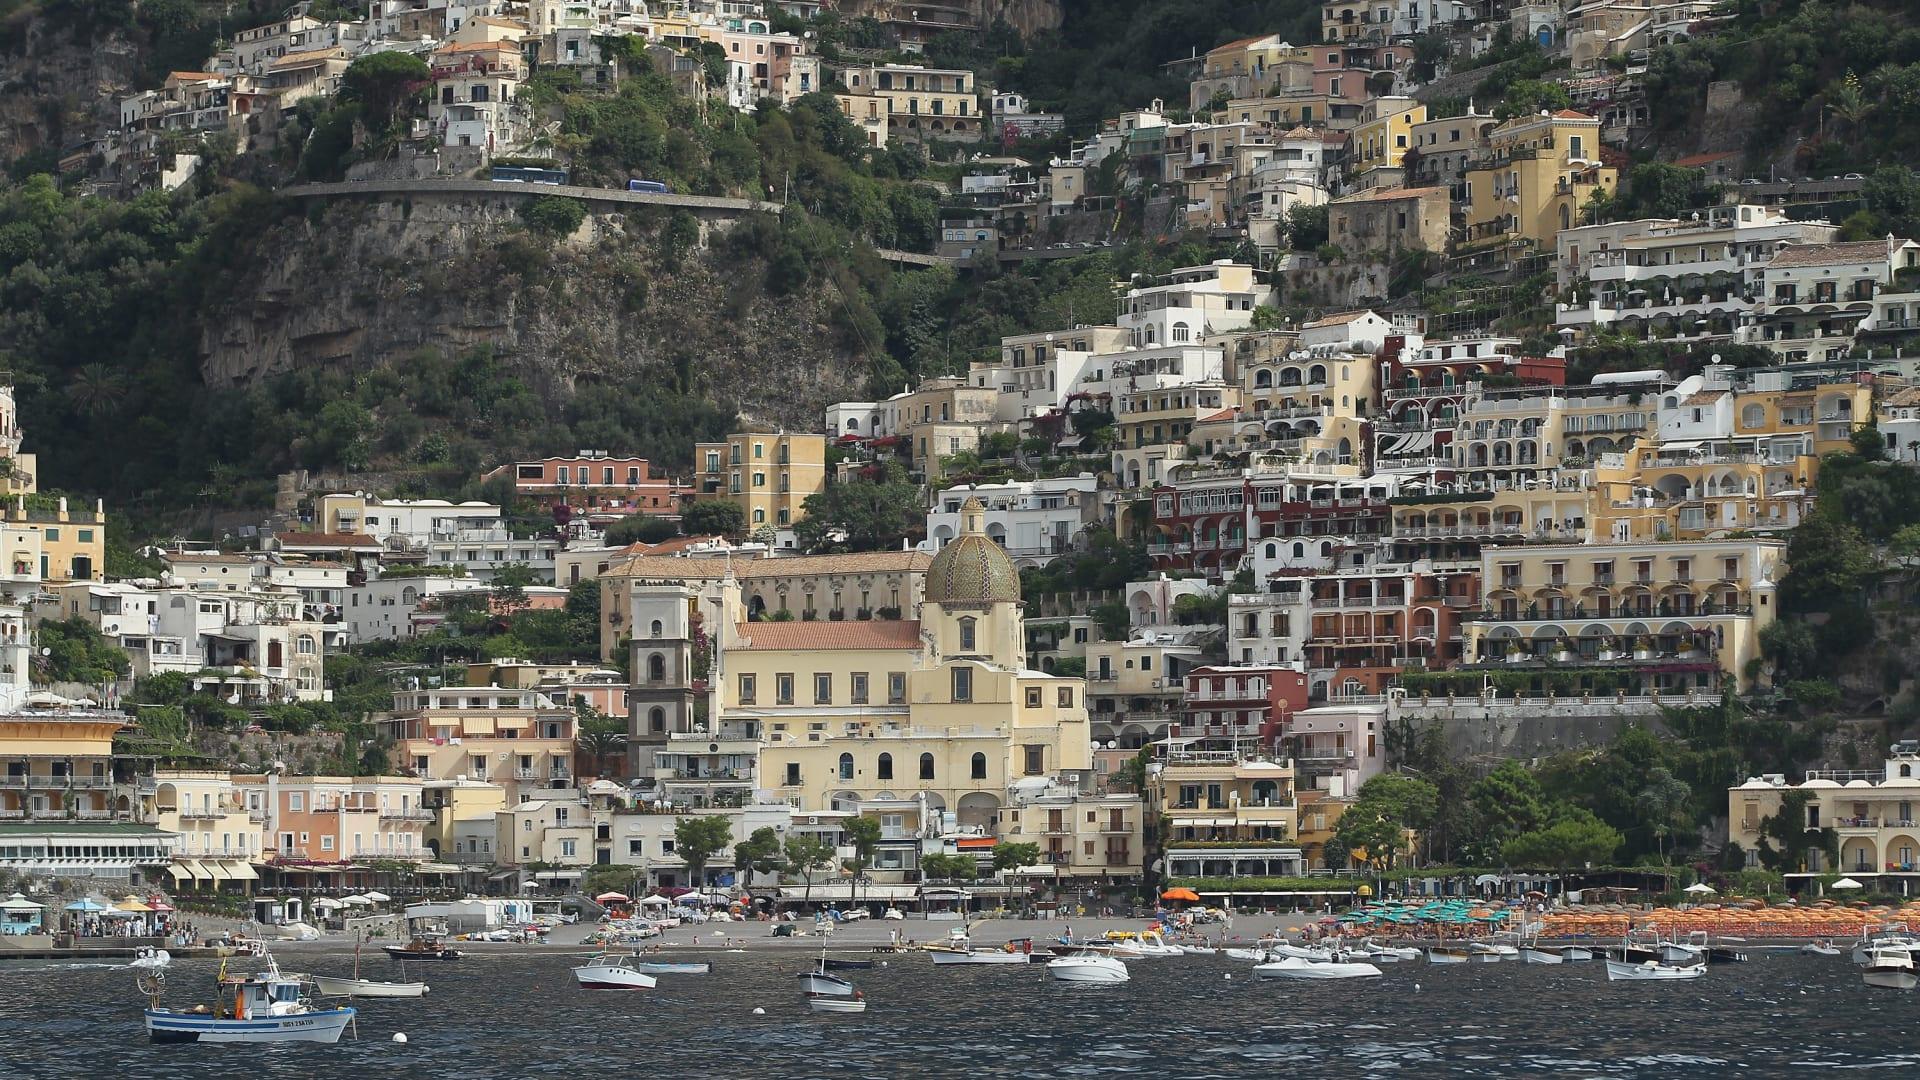 من المغرب إلى إيطاليا.. إليك 10 من أجمل الوجهات حول العالم